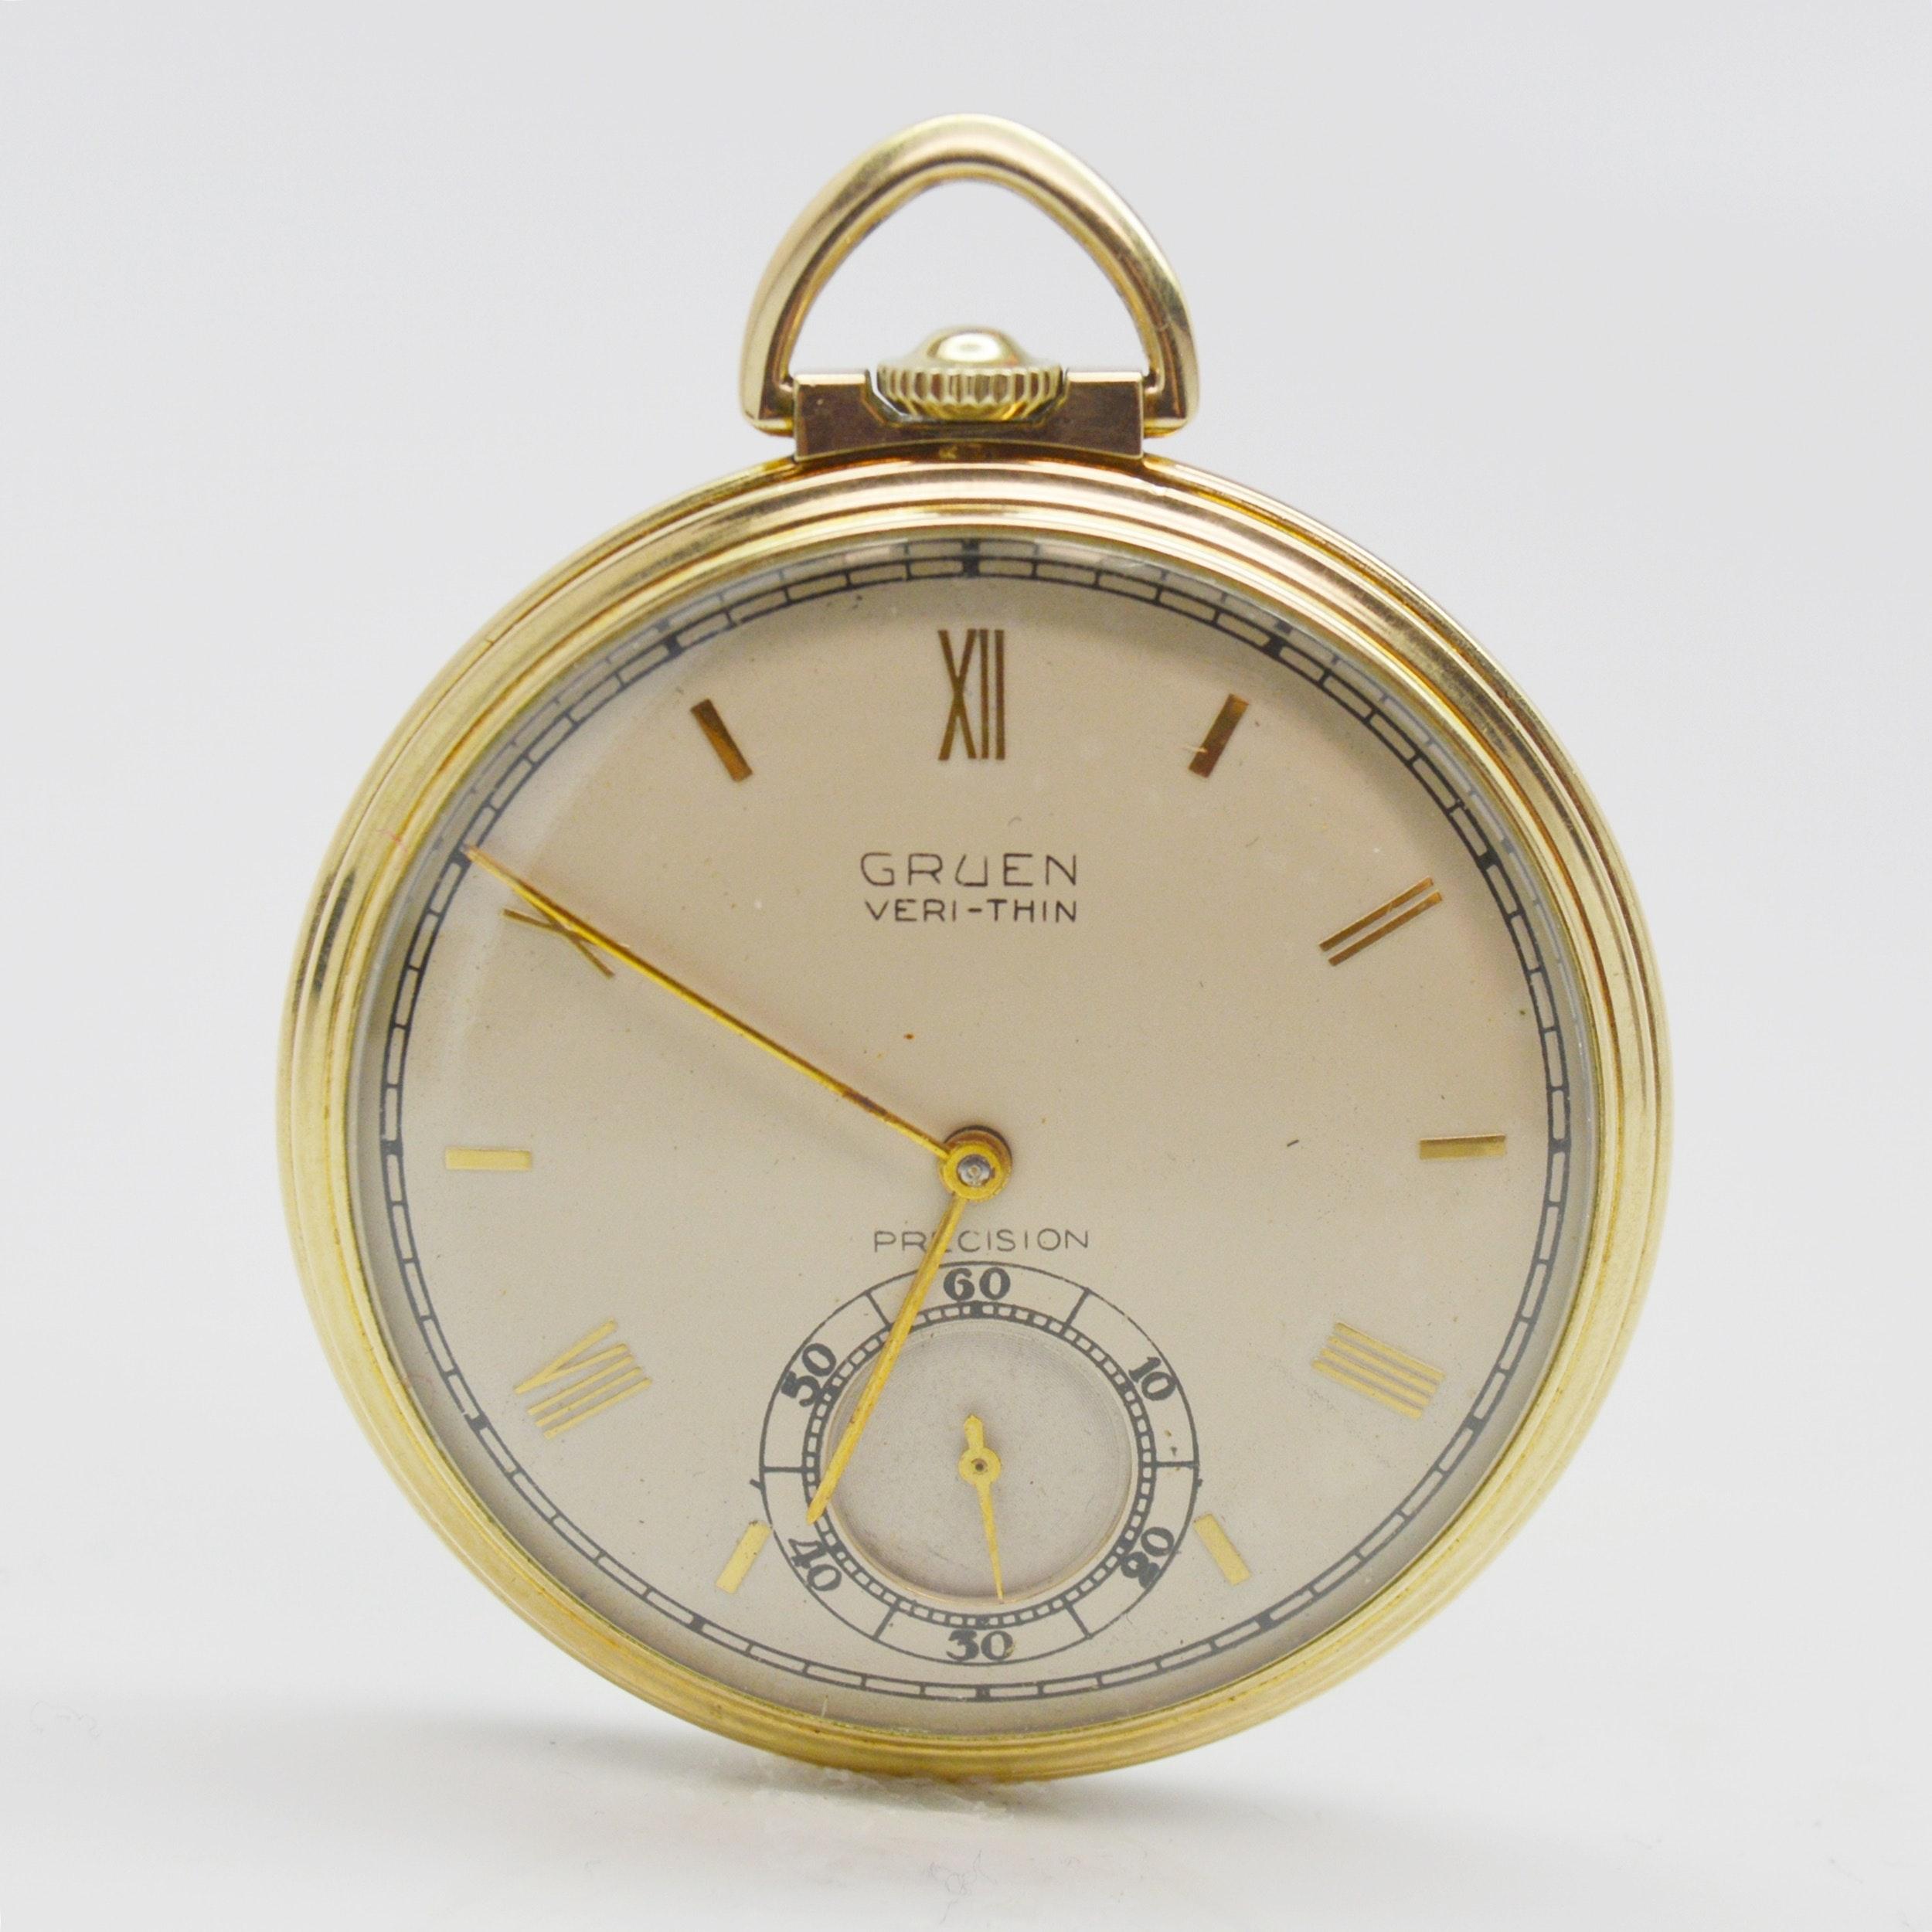 10K Gold Filled Gruen Veri-Thin Precision Open Face Pocket Watch